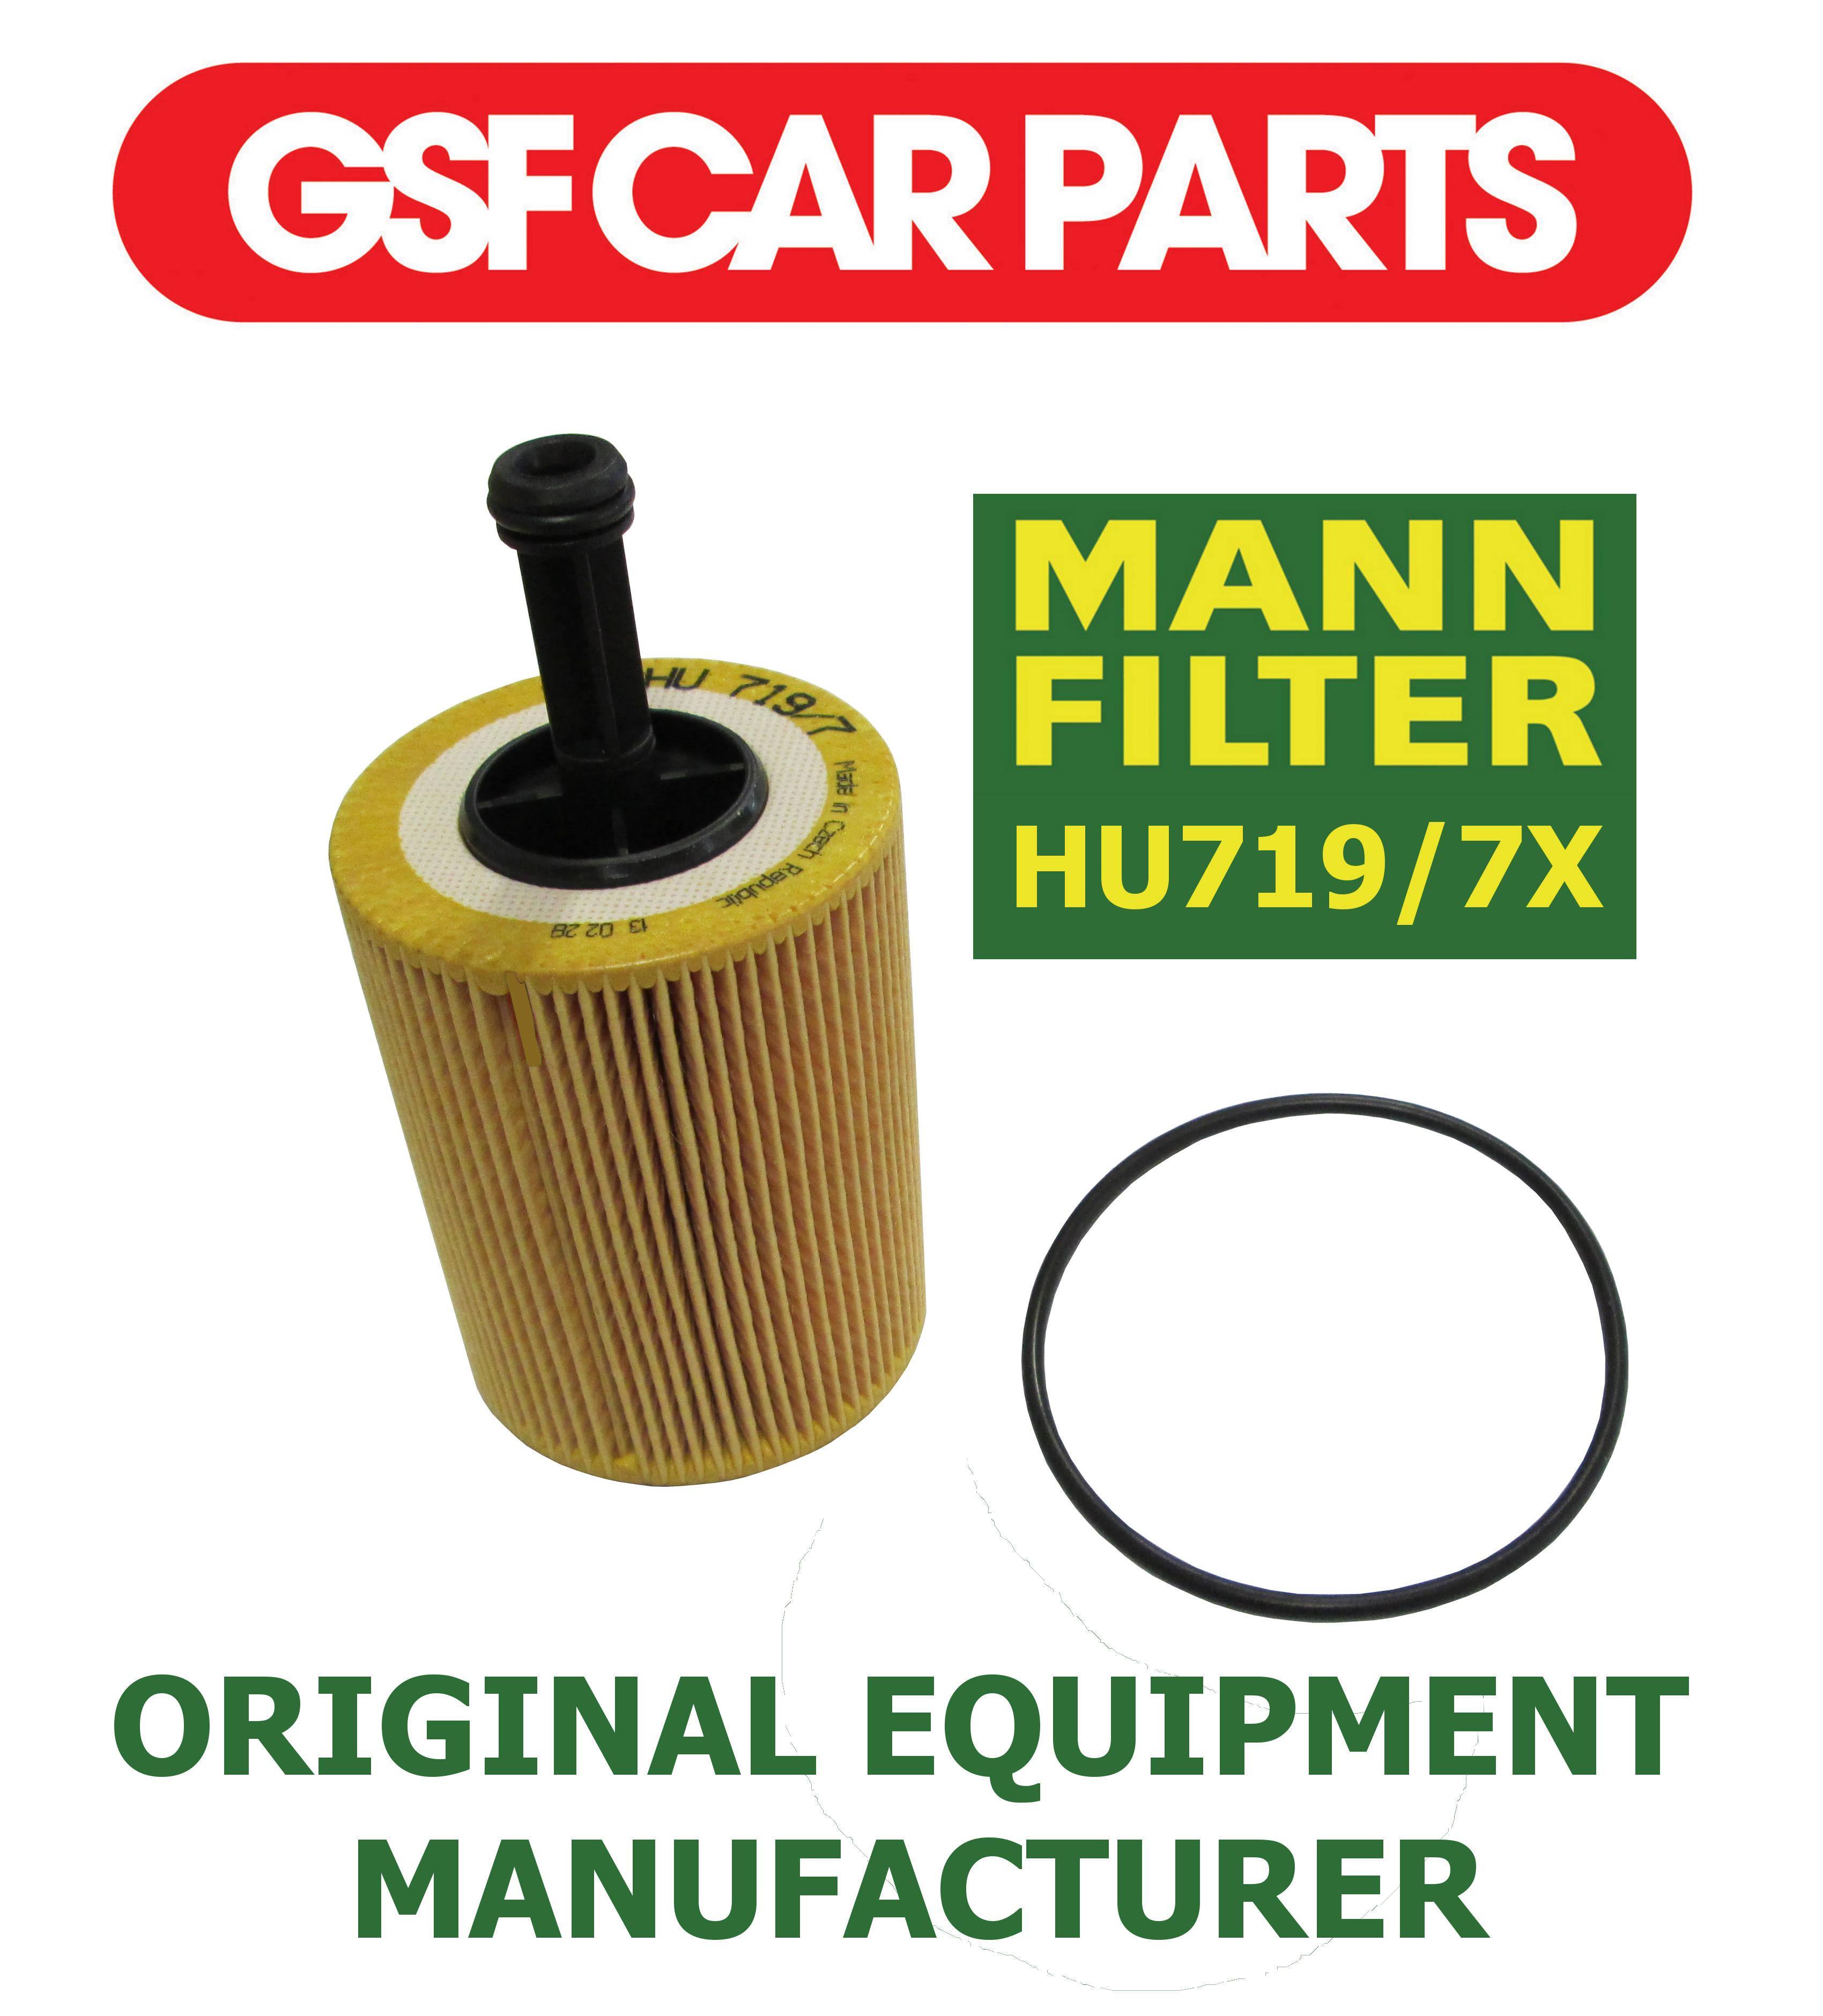 oil filter for vw transporter t5 1 9 2 5 tdi diesel 03. Black Bedroom Furniture Sets. Home Design Ideas